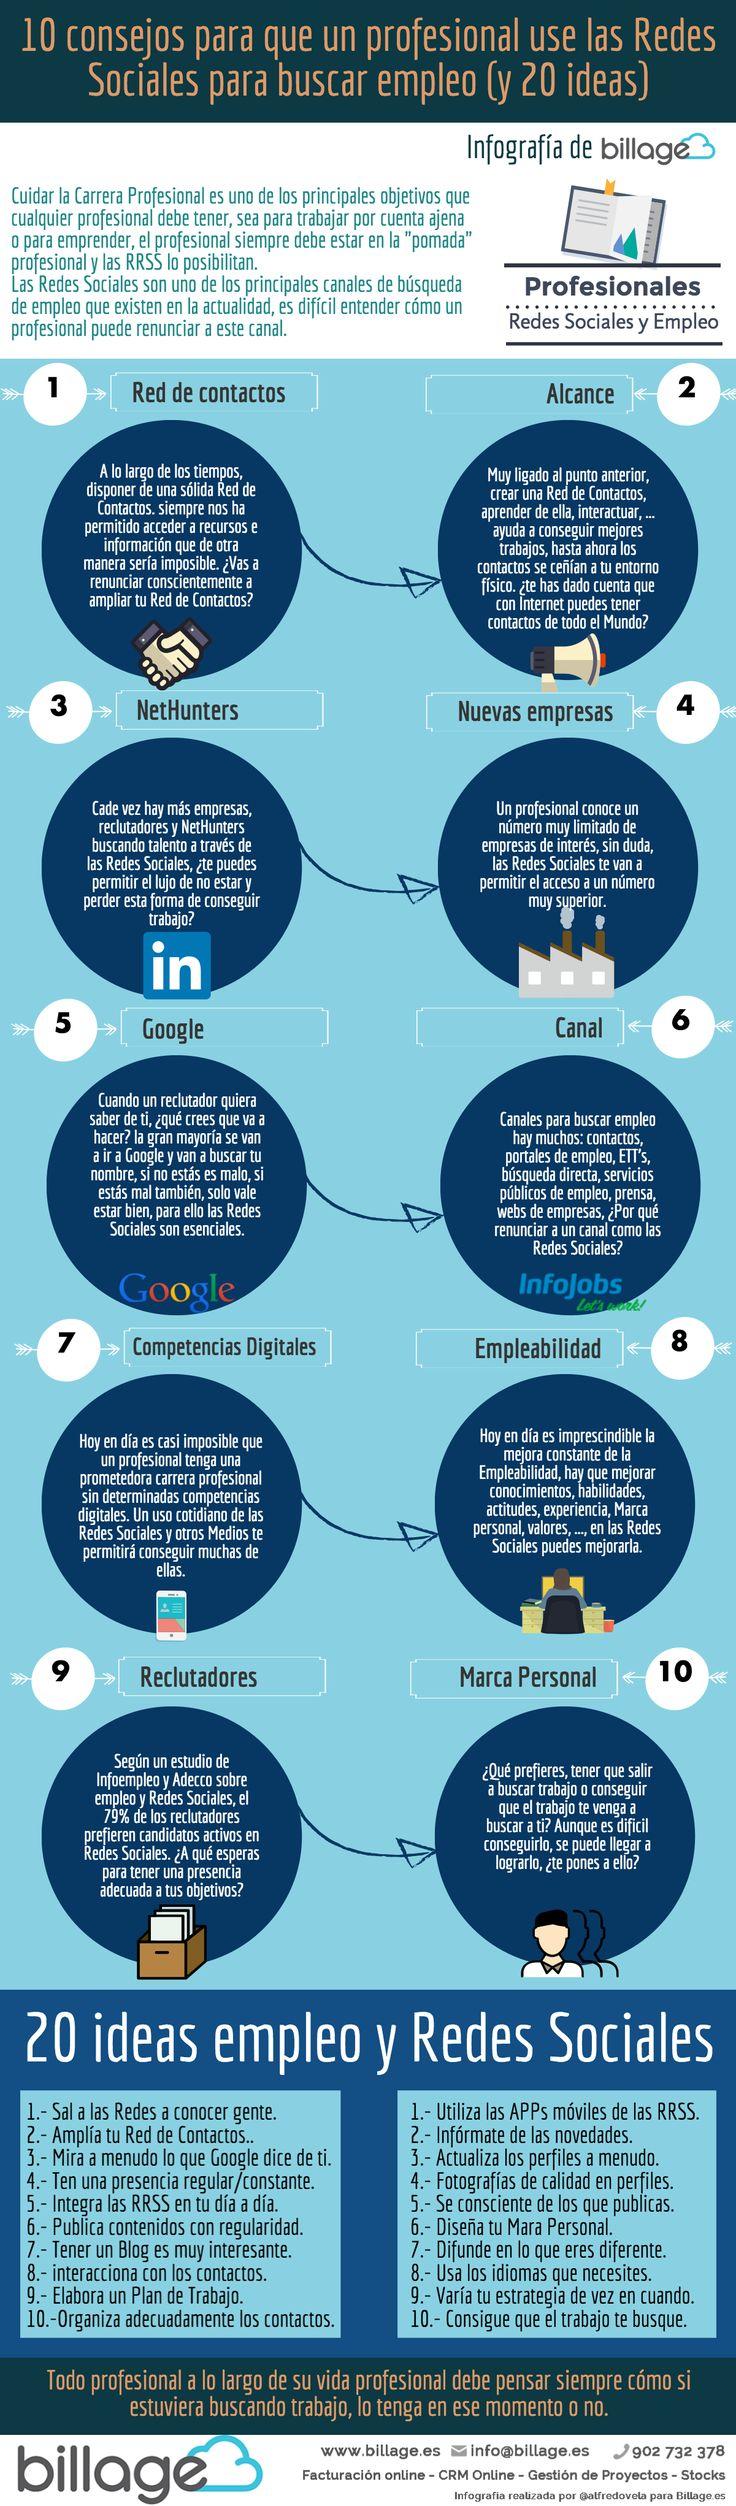 10 consejos sobre profesionales y Redes Sociales para buscar empleo (y 20 ideas)